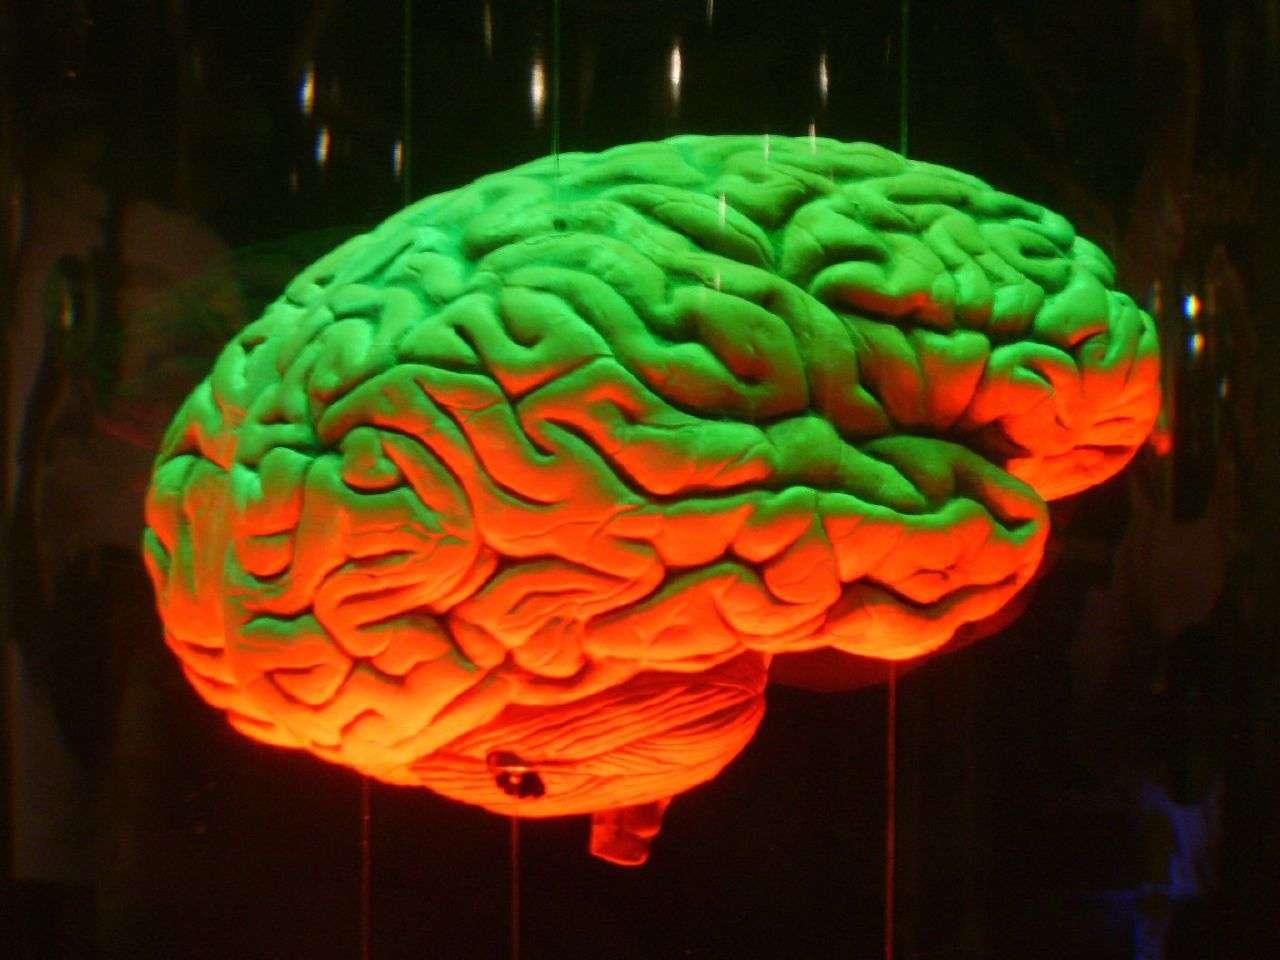 Les cancers du cerveau sont relativement rares, mais ils sont souvent mortels. Les tumeurs malignes cérébrales les plus courantes sont les gliomes, dans lesquels des cellules dites névrogliques, qui sont des cellules de soutien des cellules nerveuses, deviennent cancéreuses. Une nouvelle piste pour soigner les gliomes chez l'enfant vient d'être découverte. © jj_judes, Flickr, cc by nc nd 2.0